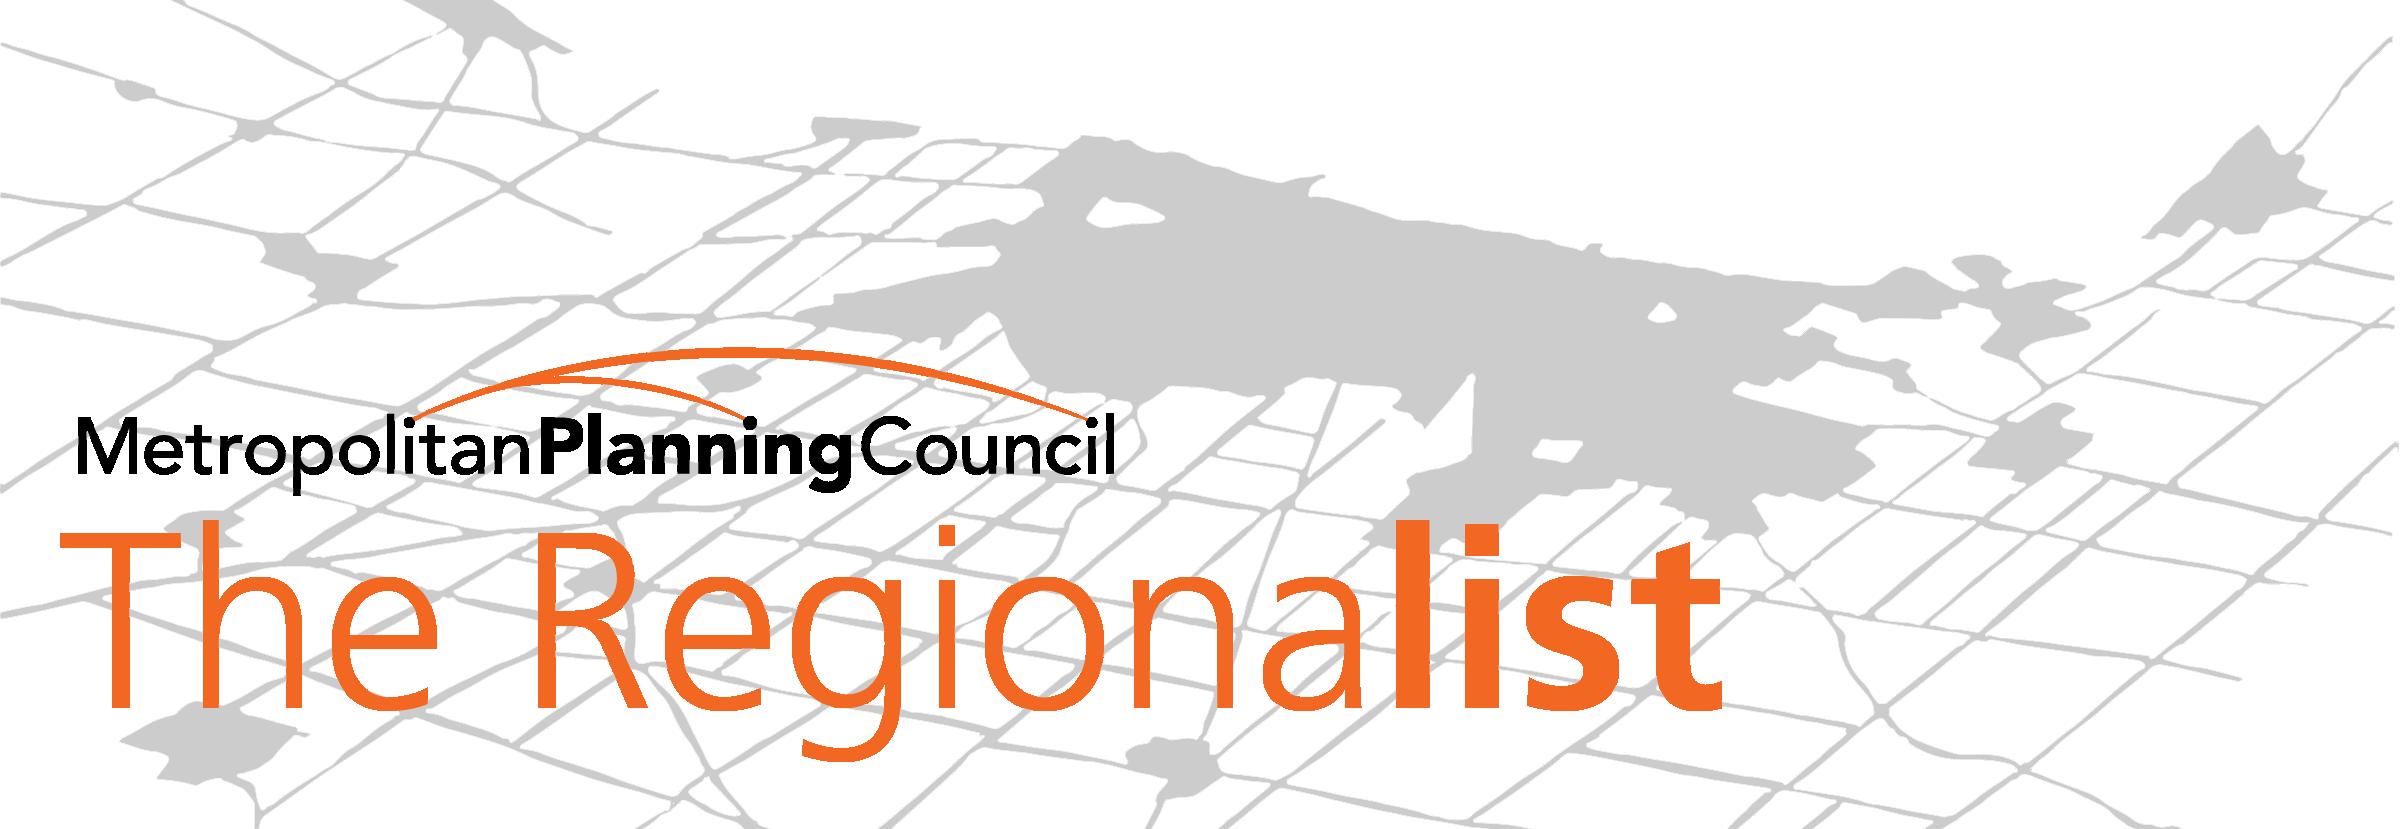 MPC Regionalist logo